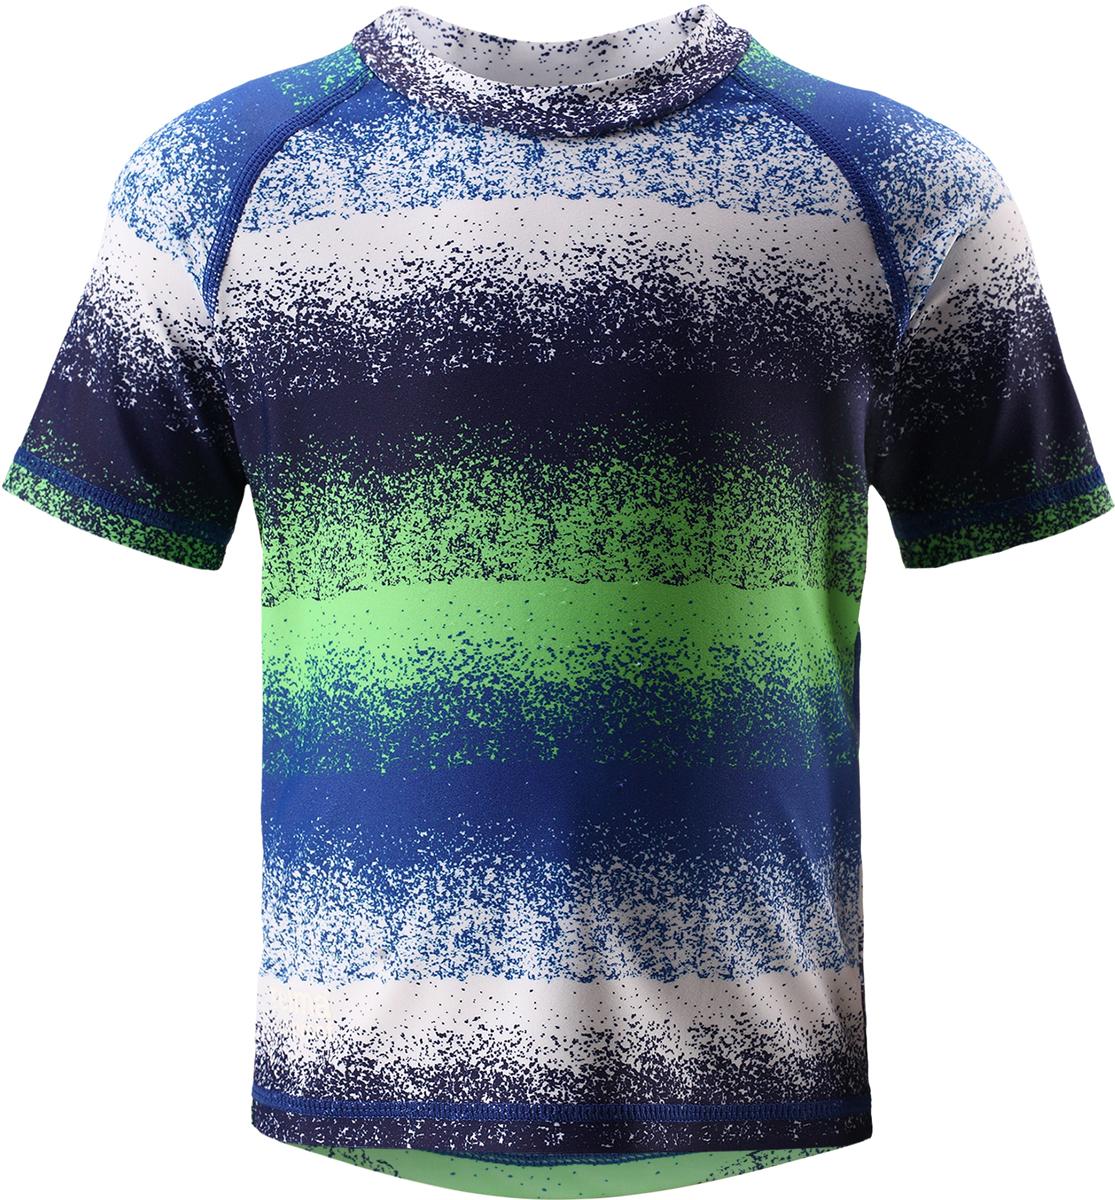 Футболка для плавания детская Reima Azores, цвет: синий, зеленый. 5163516645. Размер 925163516645